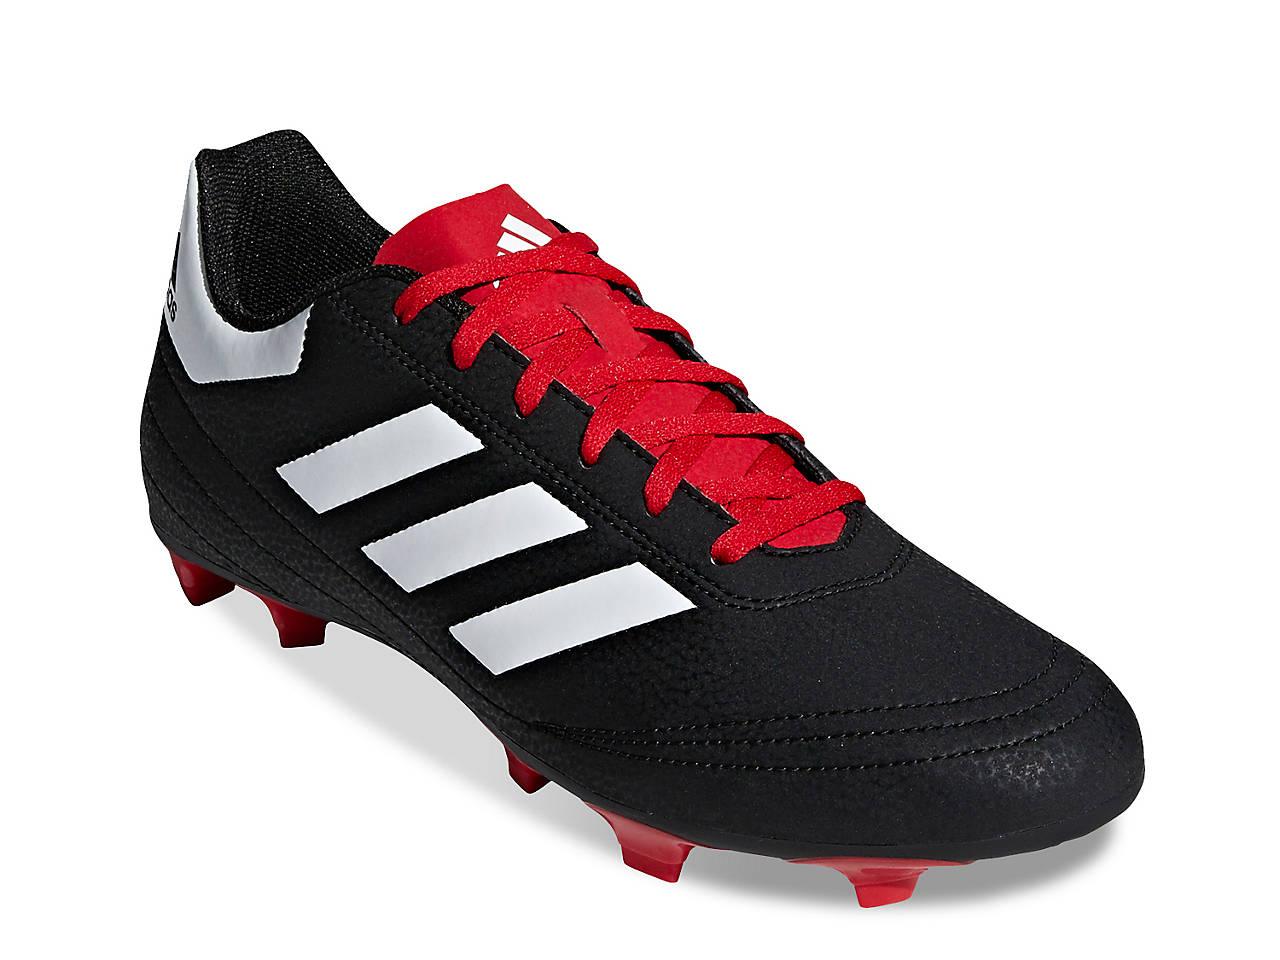 7906955c7 adidas Goletto VI FG Soccer Cleat - Men s Men s Shoes